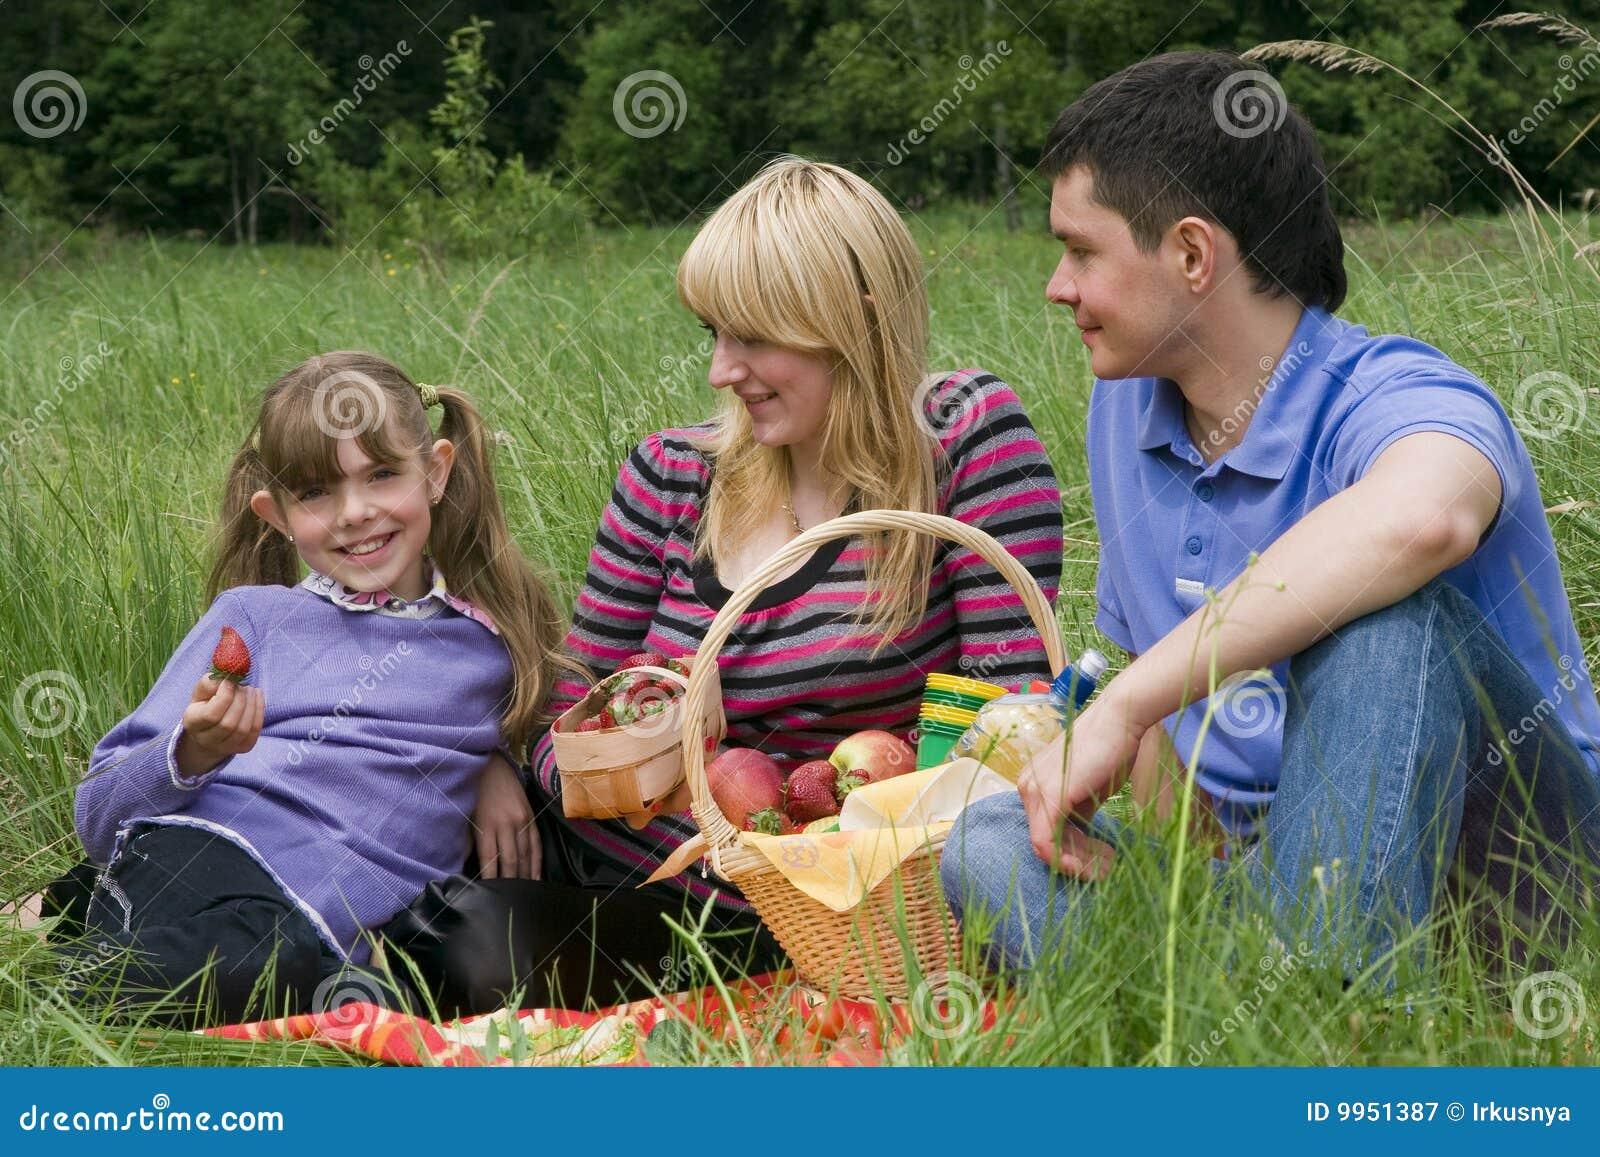 С женой на пикнике 8 фотография